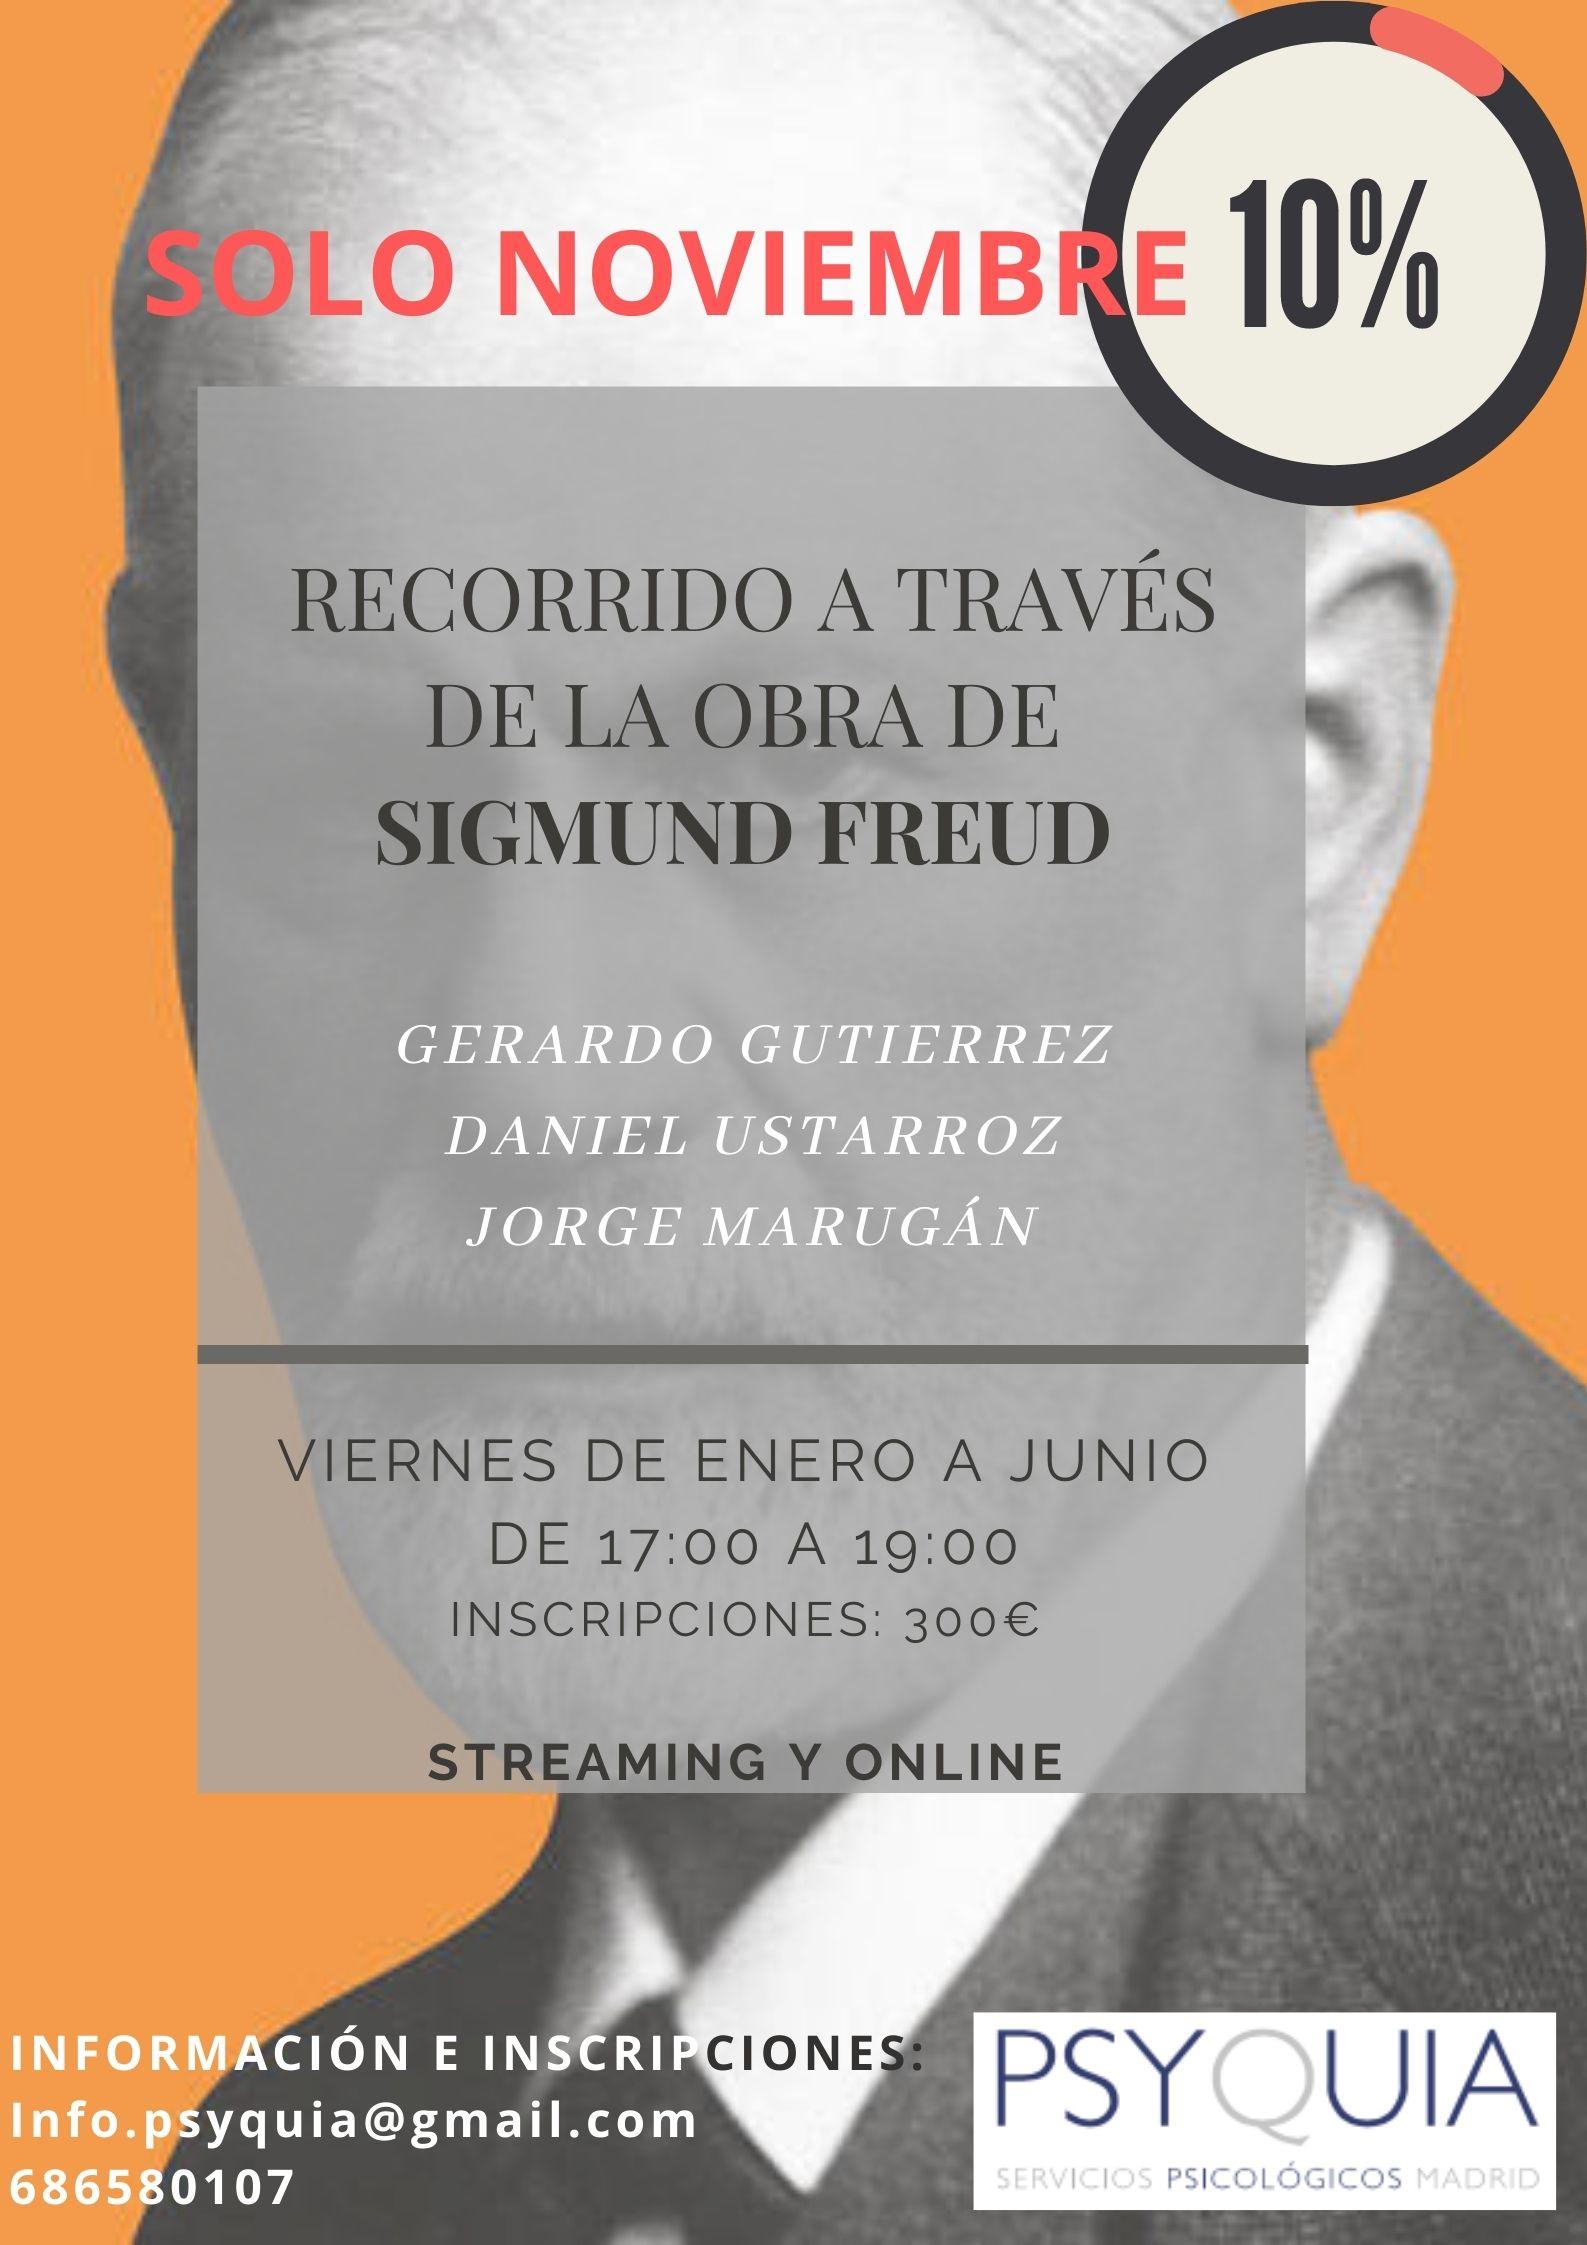 CURSO COMPLETO Recorrido a través de la Obra de Sigmund Freud